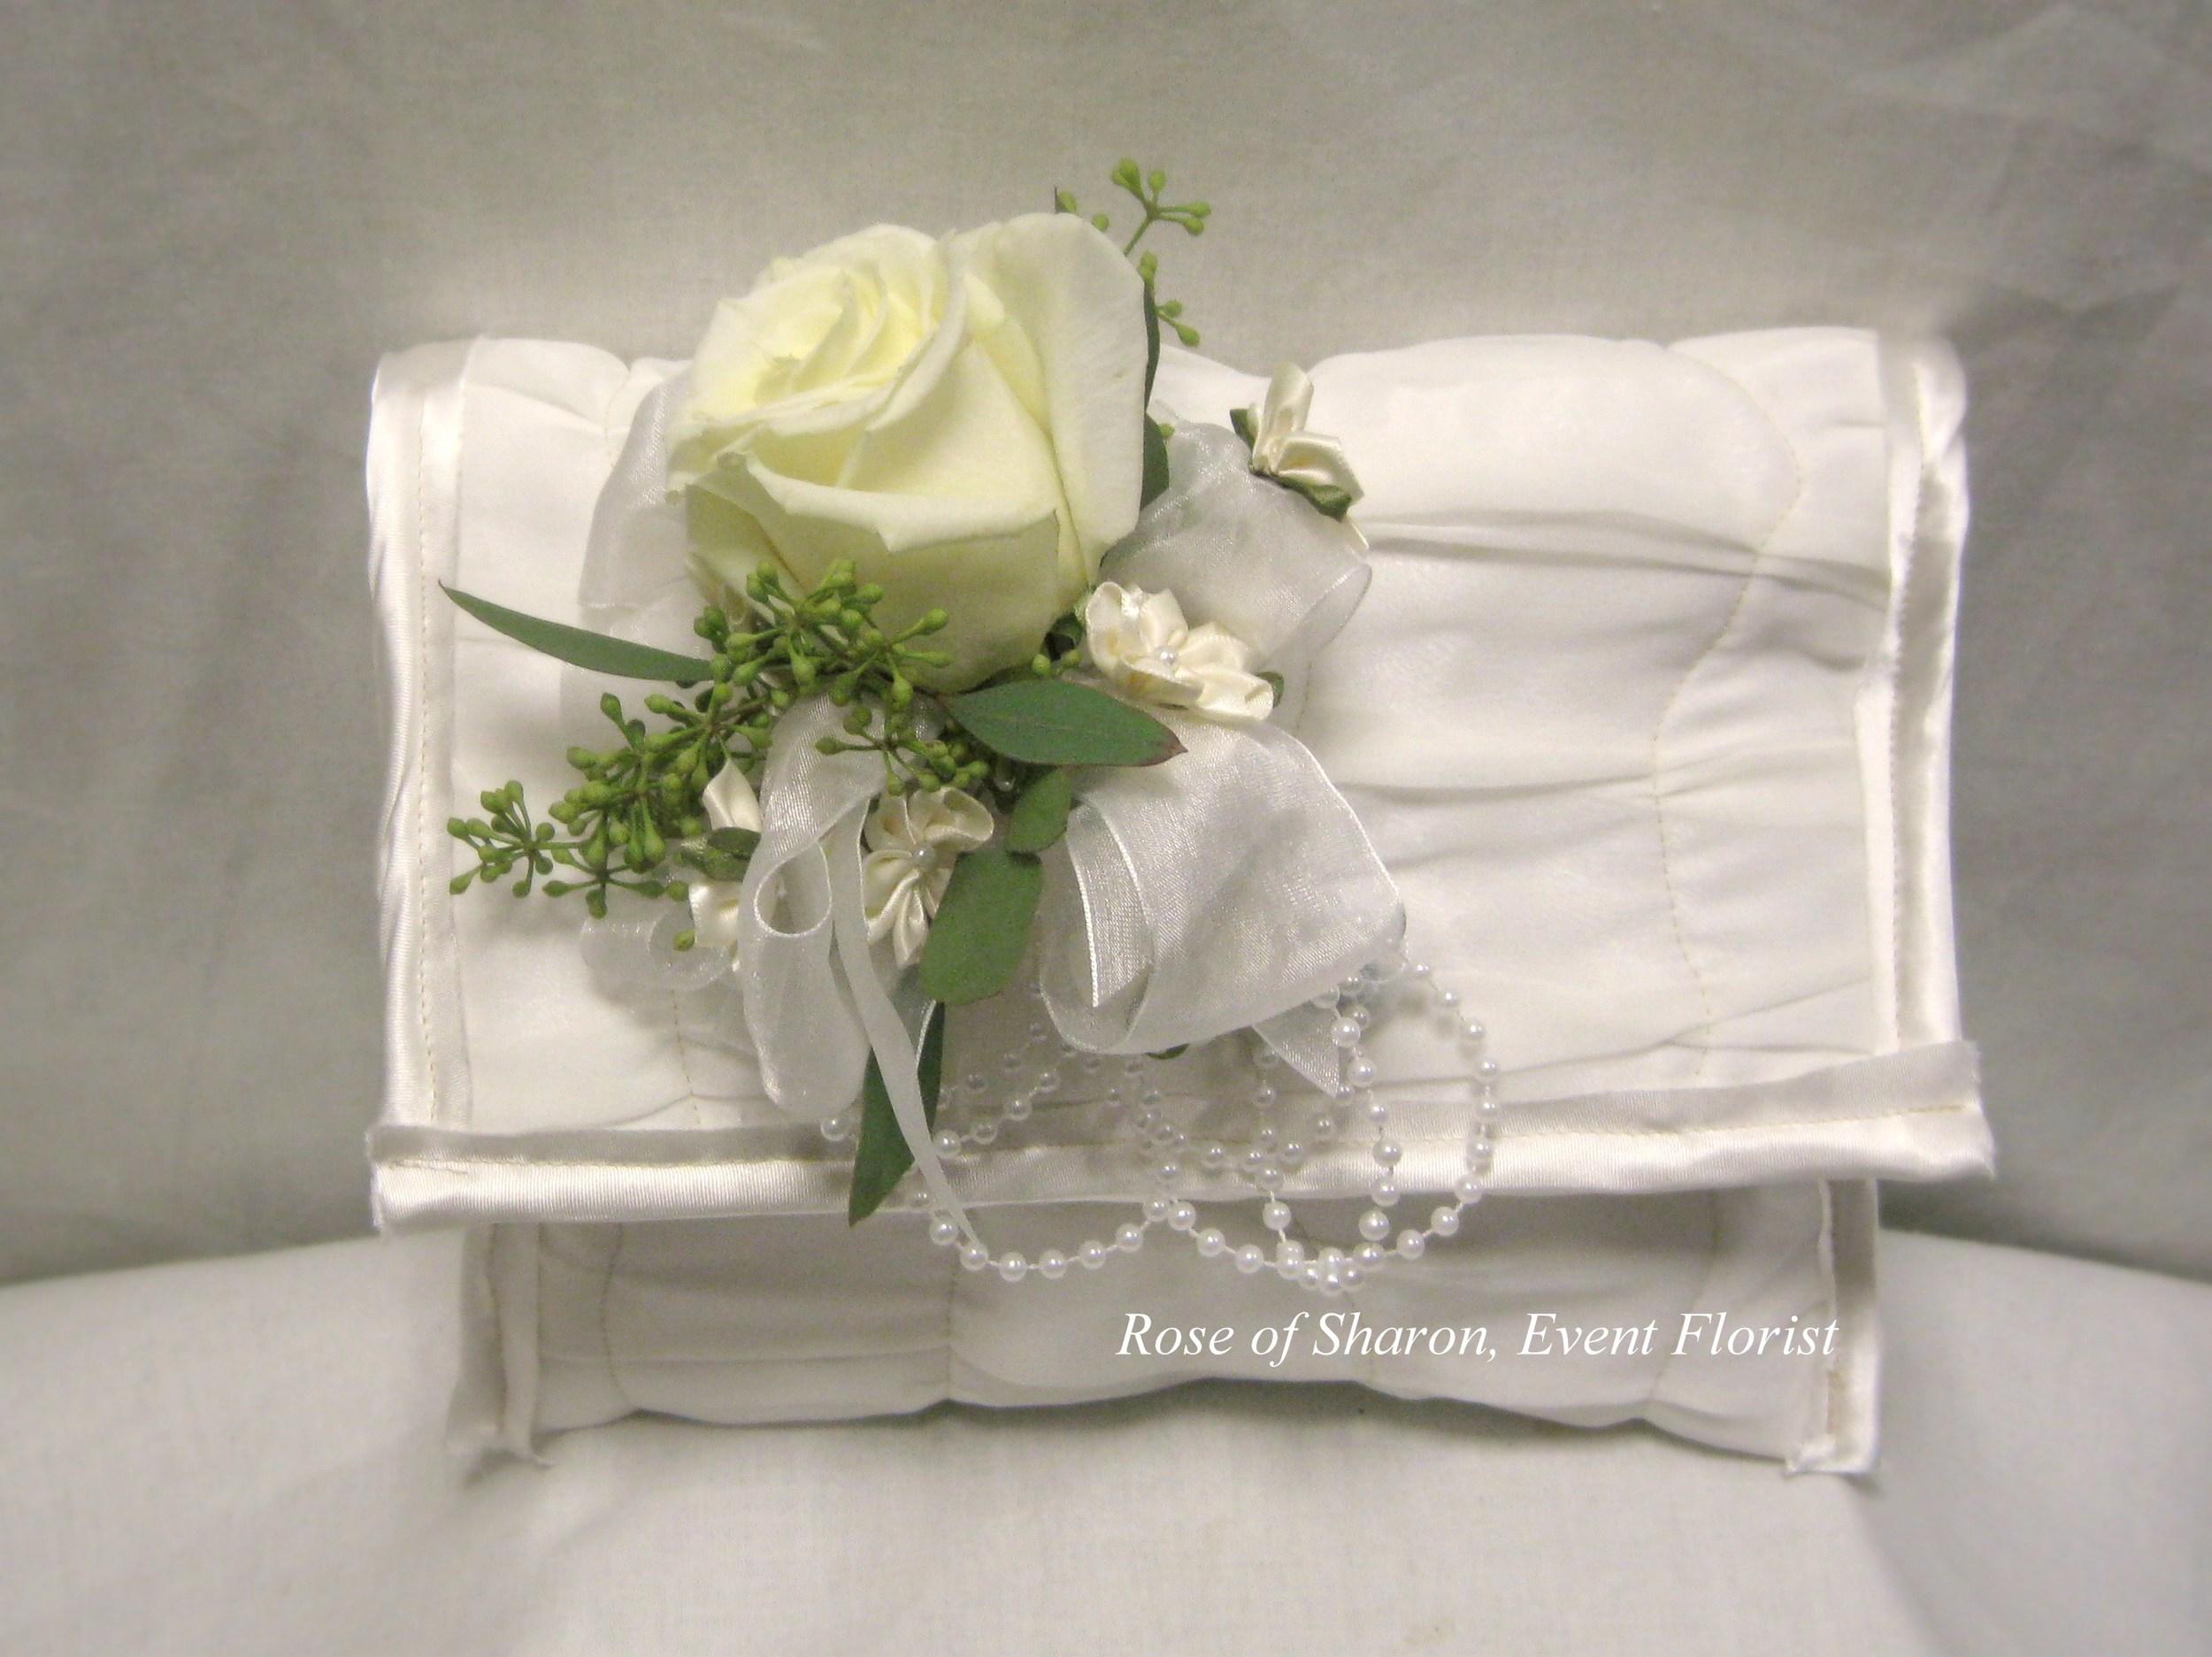 Rose Floral Clip on Clutch. Rose of Sharon Floral Designs